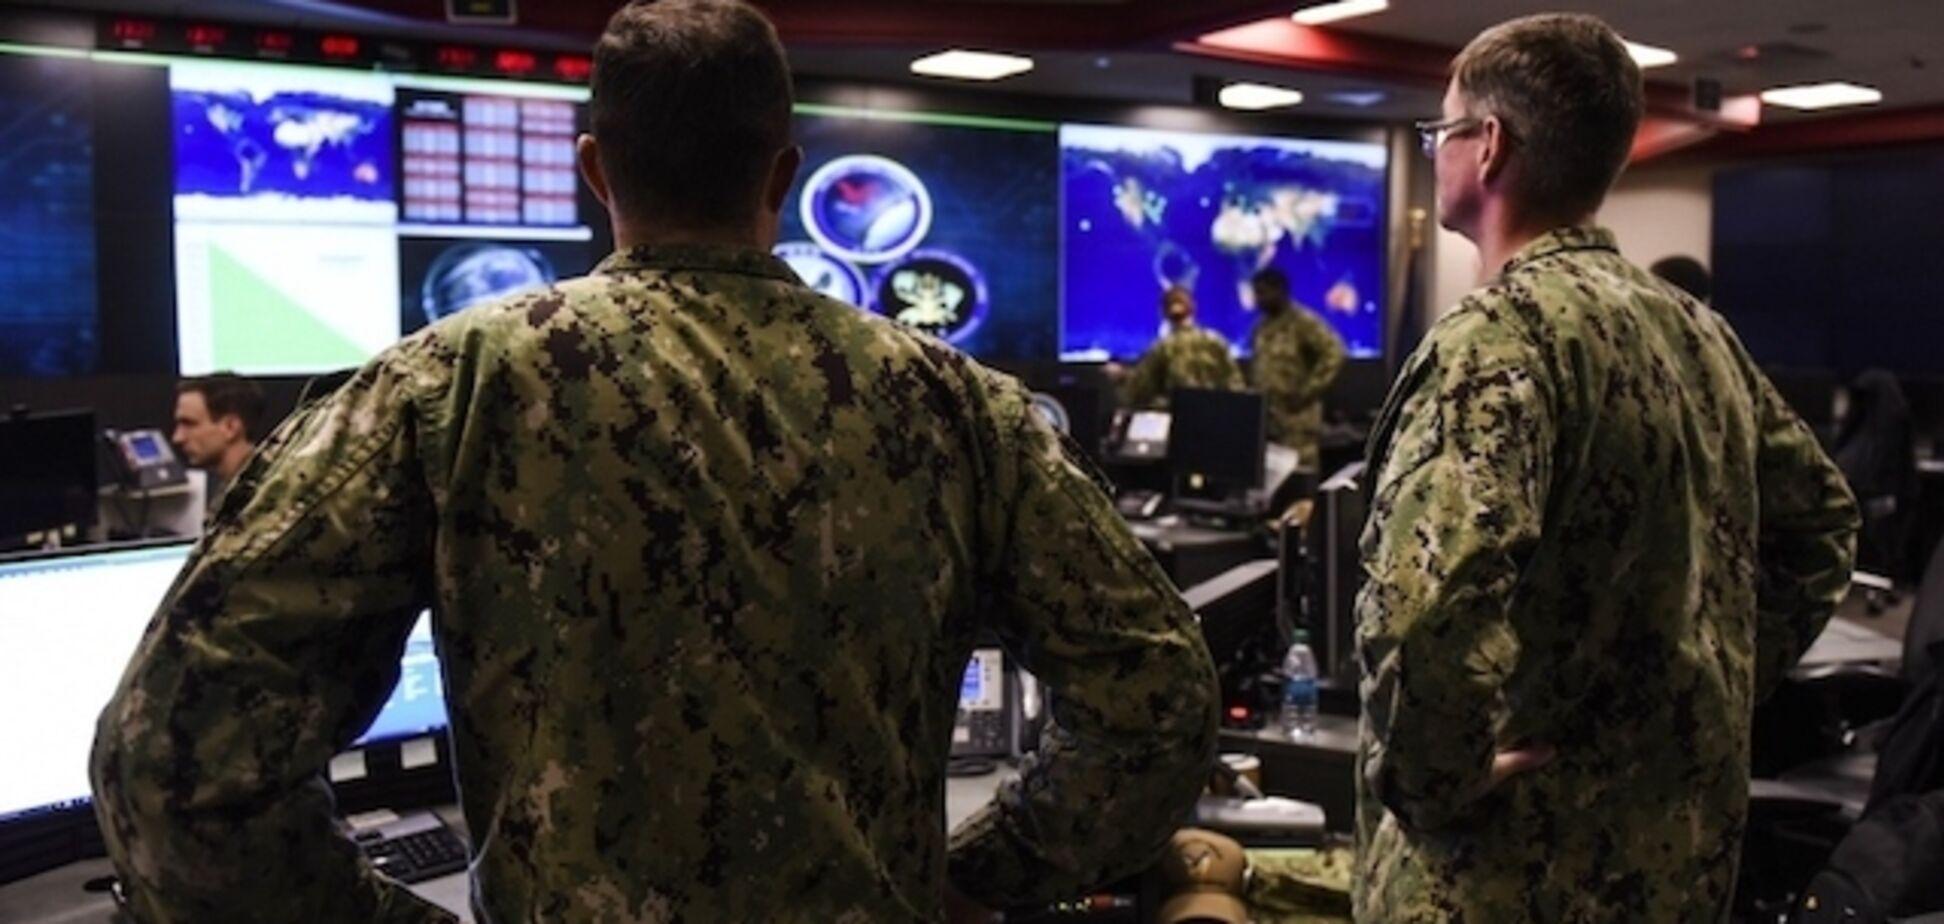 Падіж сайтів: завдано удару по каналах російської пропаганди